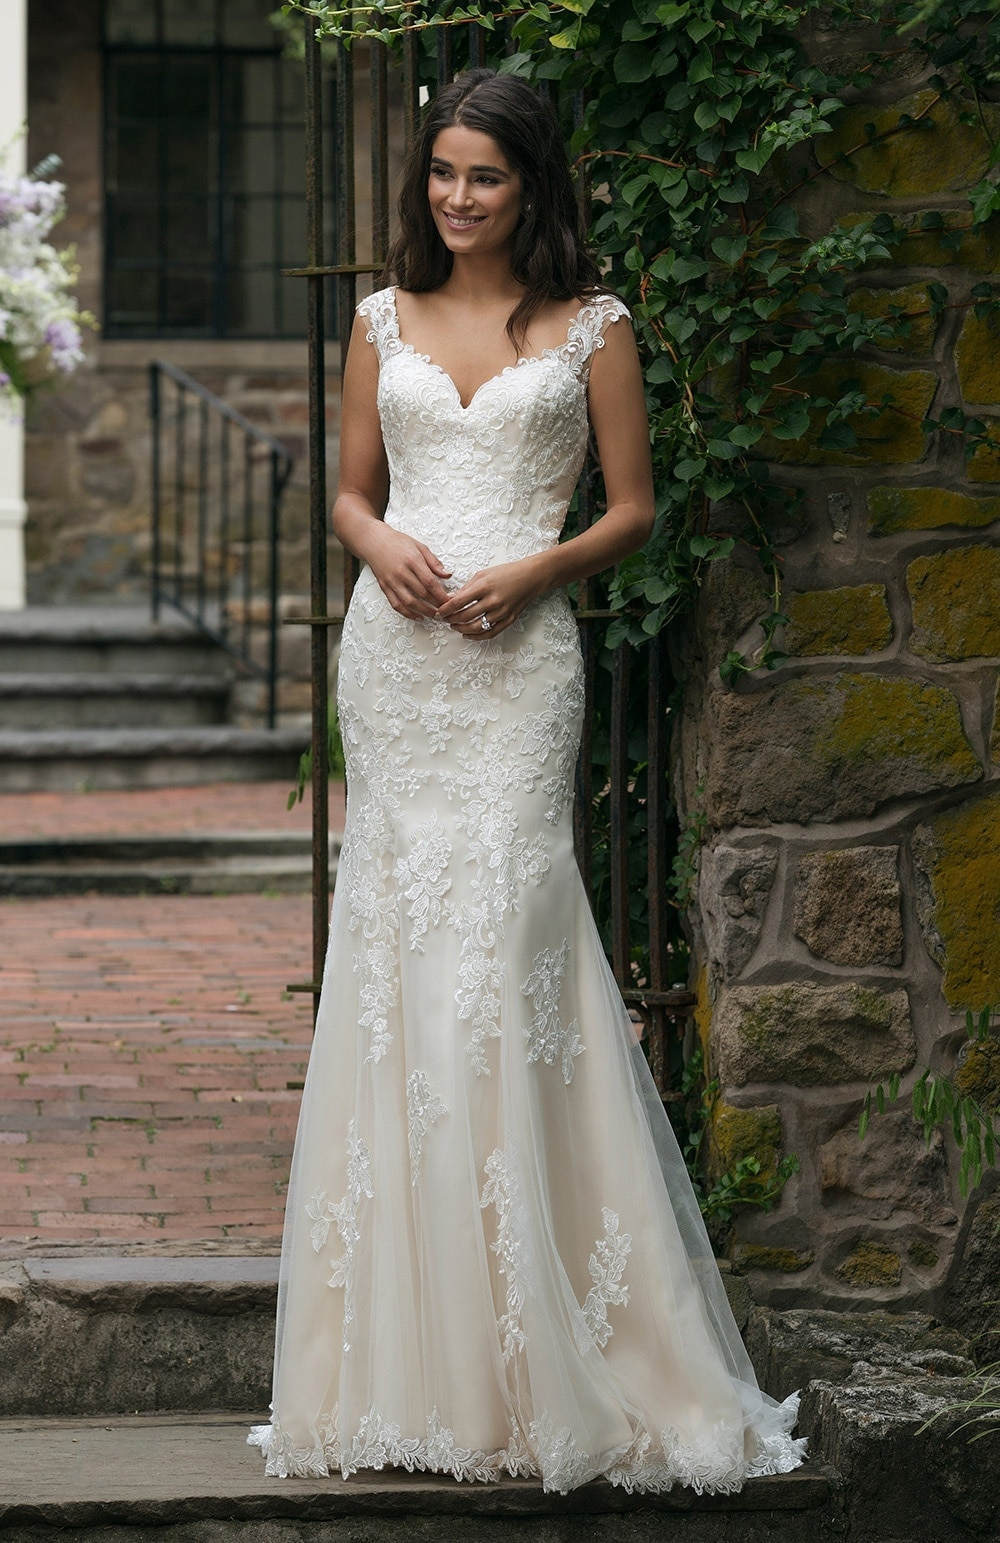 Robe de mariée Modèle 44054 – Samuelle